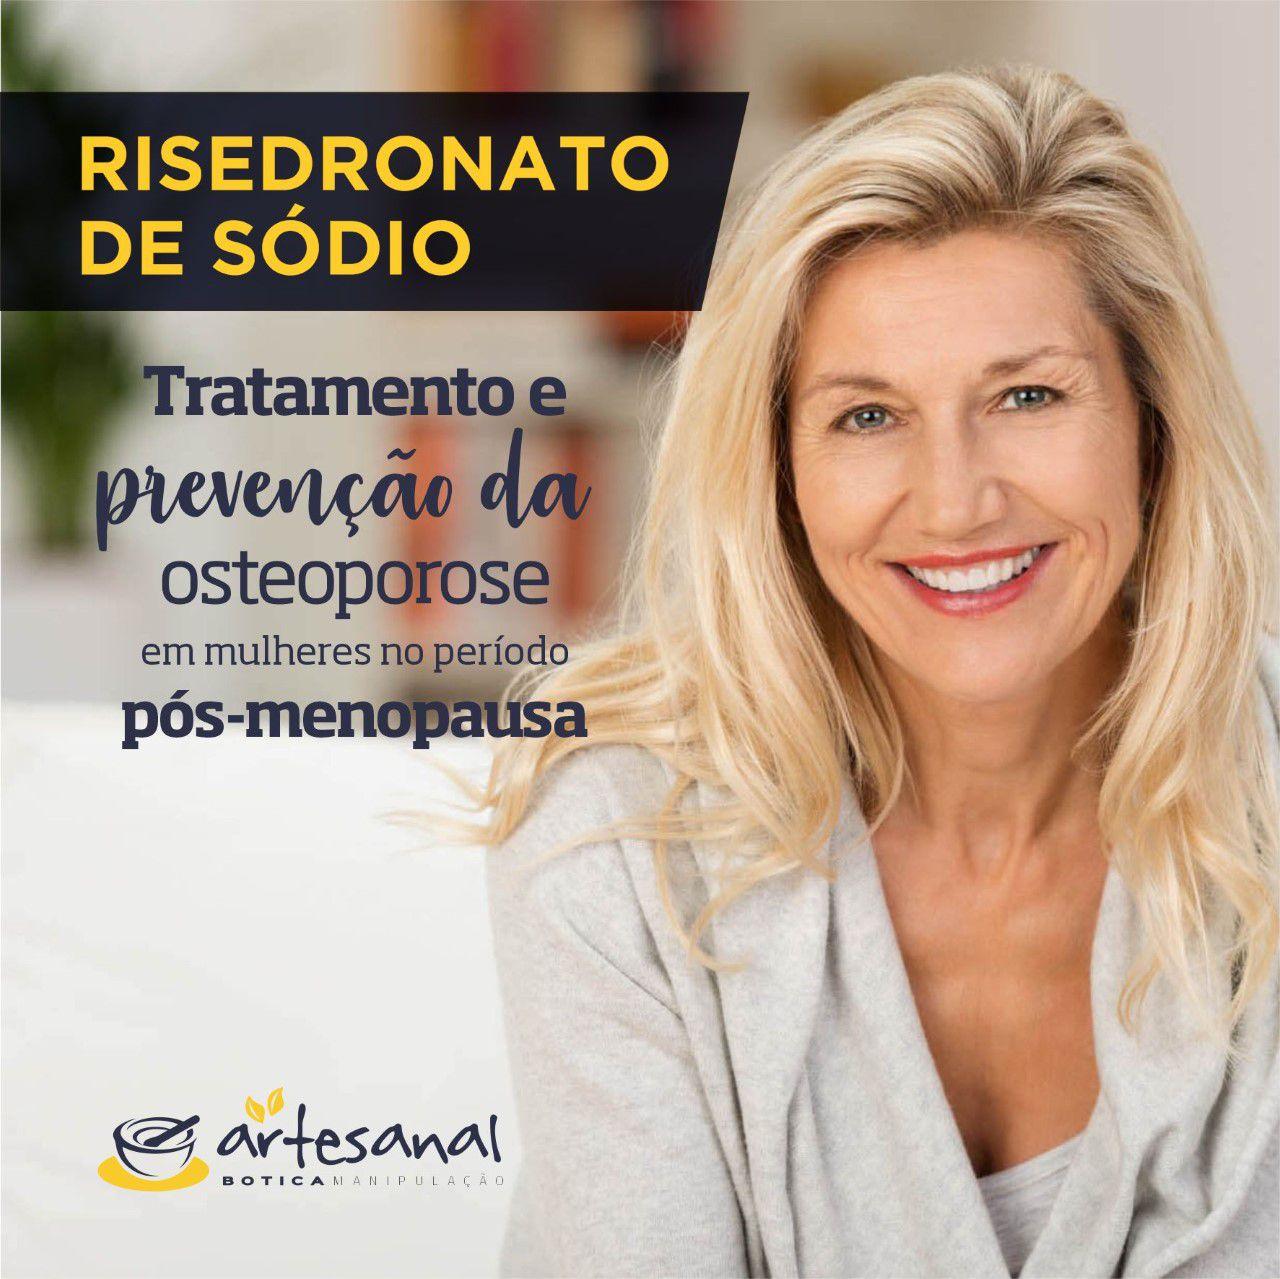 Risedronato de Sódio - Aliado contra a Osteoporose